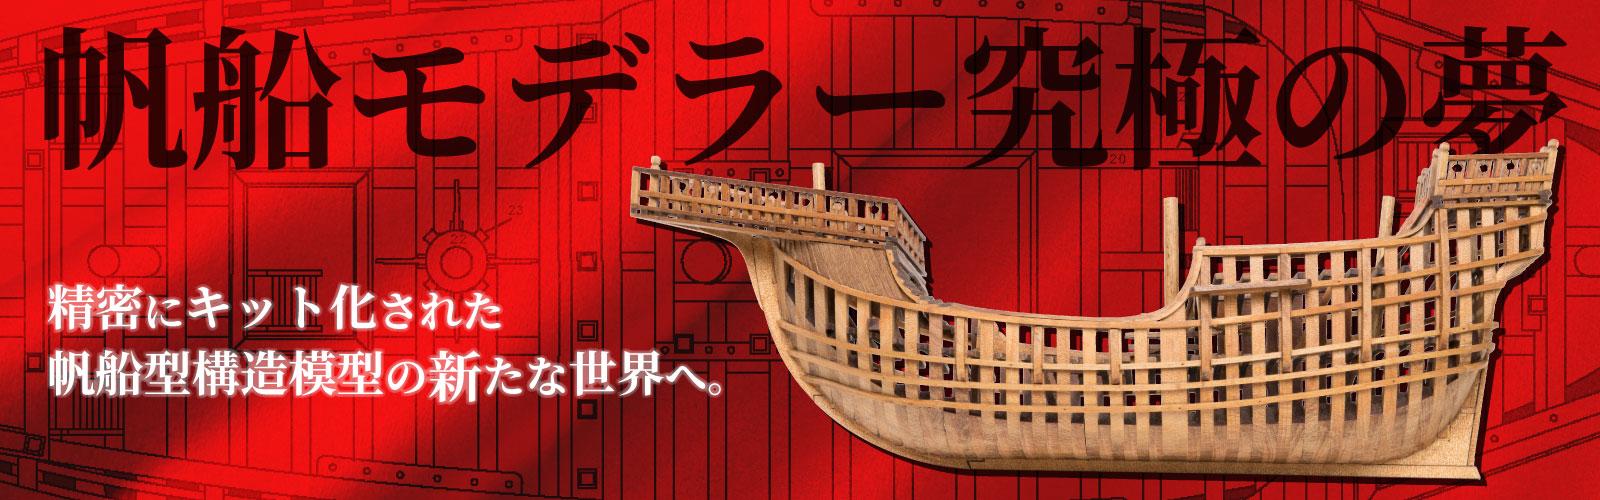 帆船モデラーの究極の夢